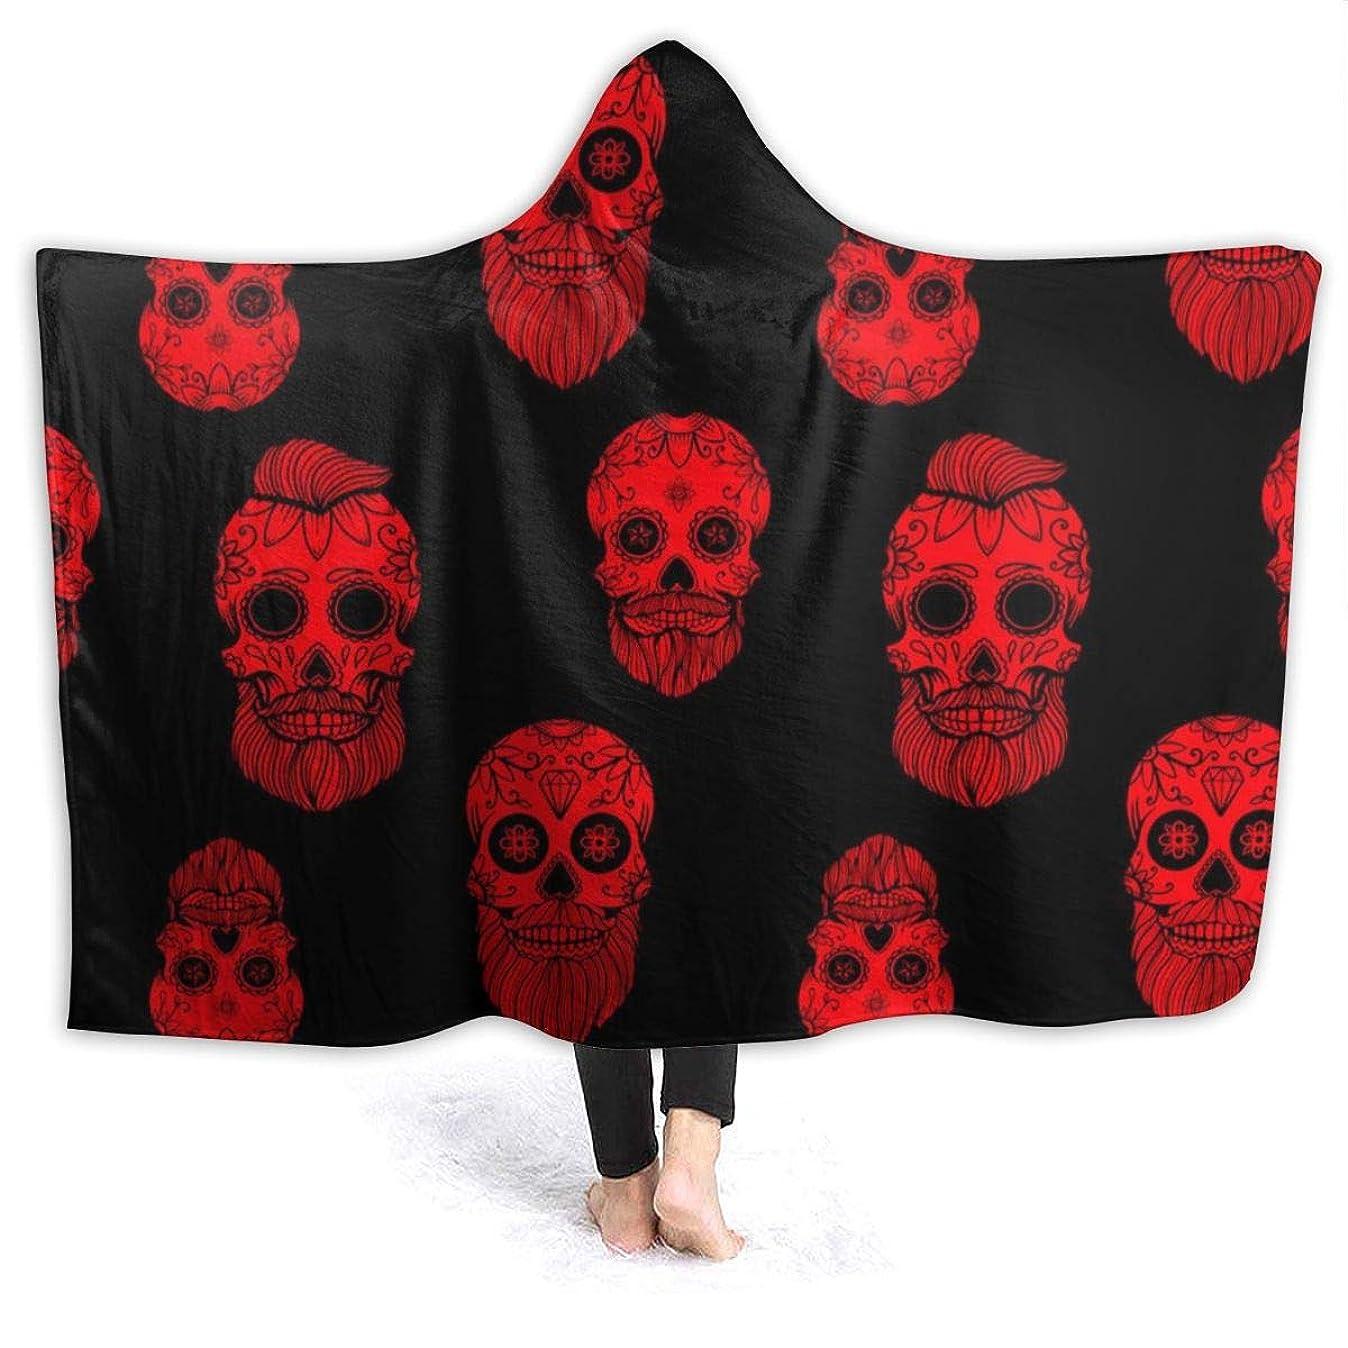 興奮争いアクセスYONHXJLAZ Seamless Pattern With Mexican Sugar Skulls 毛布 フード付き ブランケット 大判 タオルケット厚手 オールシーズン快適 軽量 抗菌防臭 防ダニ加工 オシャレ 携帯用,車用,オフィス用